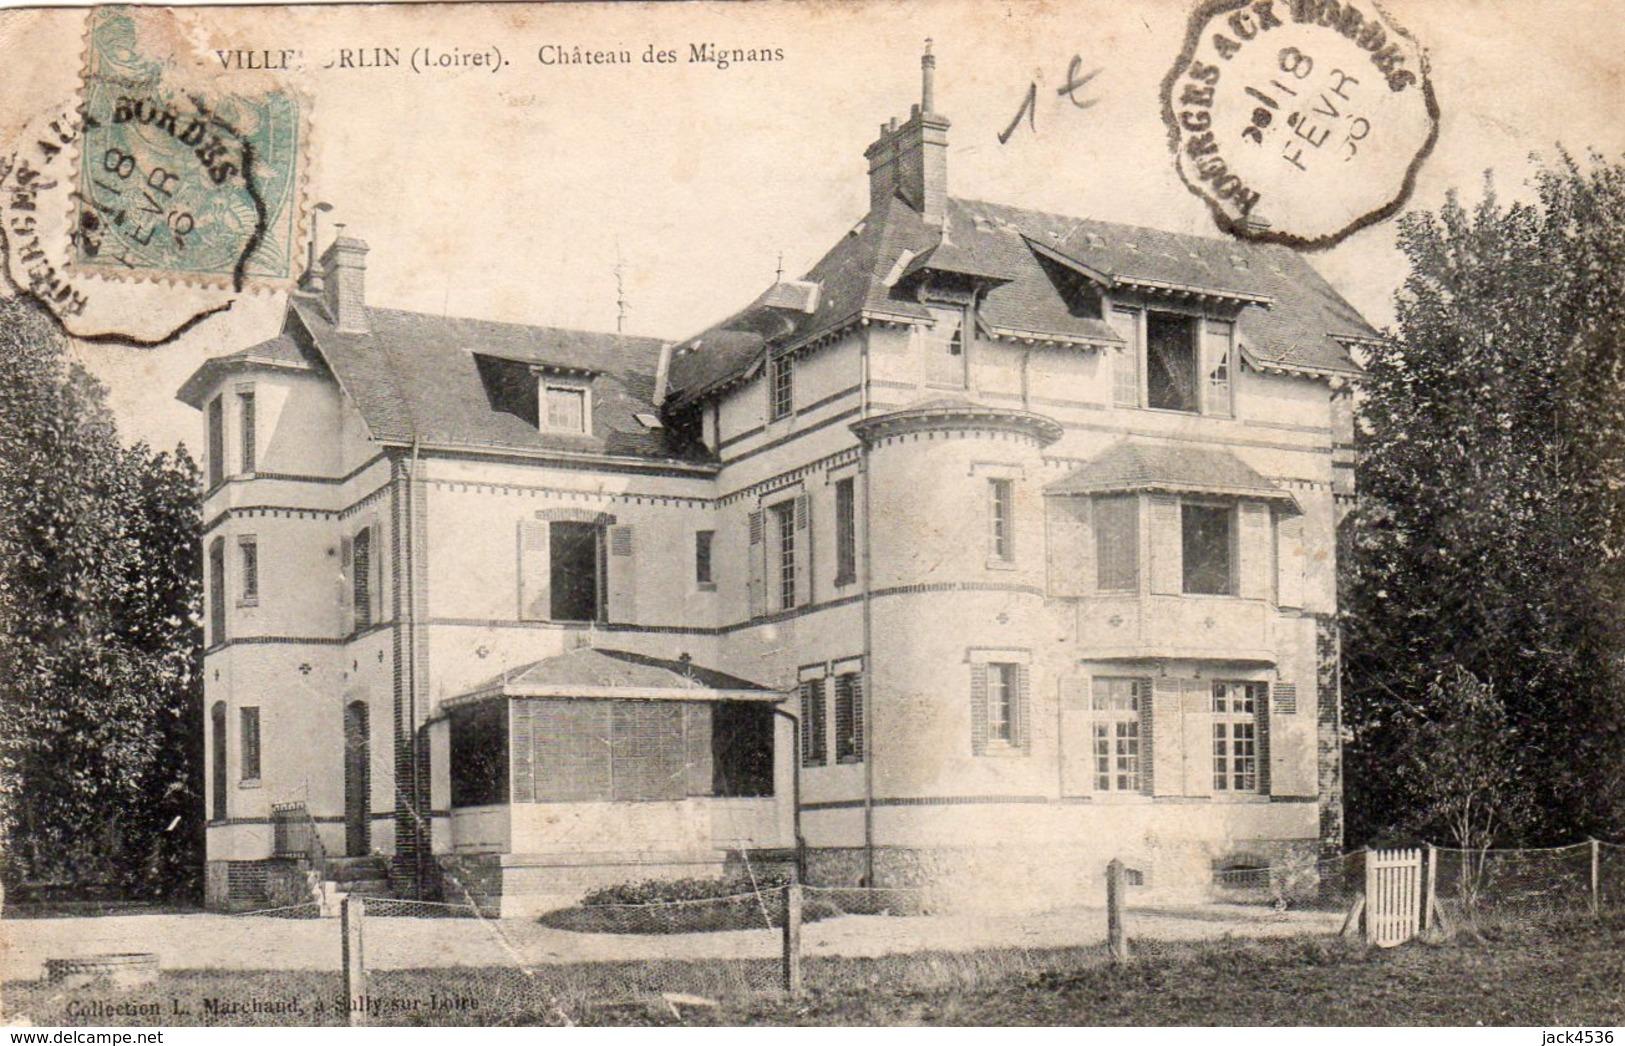 Carte Postale Ancienne - Circulé - Dép. 45 - VILLEMURLIN - Chateau Des MIGNANS - Other Municipalities